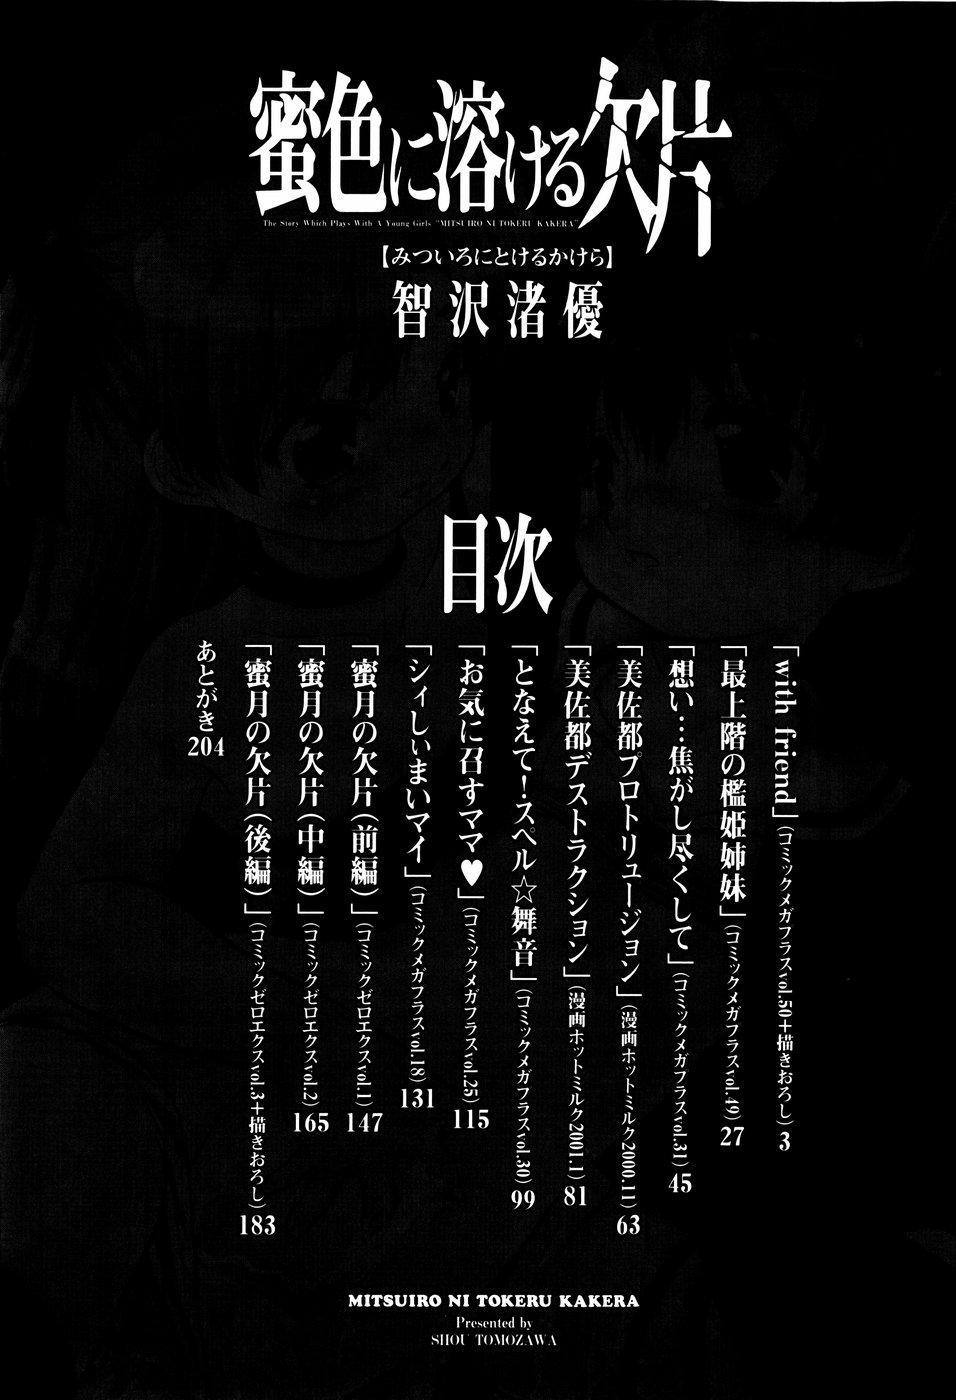 Mitsuiro Ni Tokeru Kakera 206